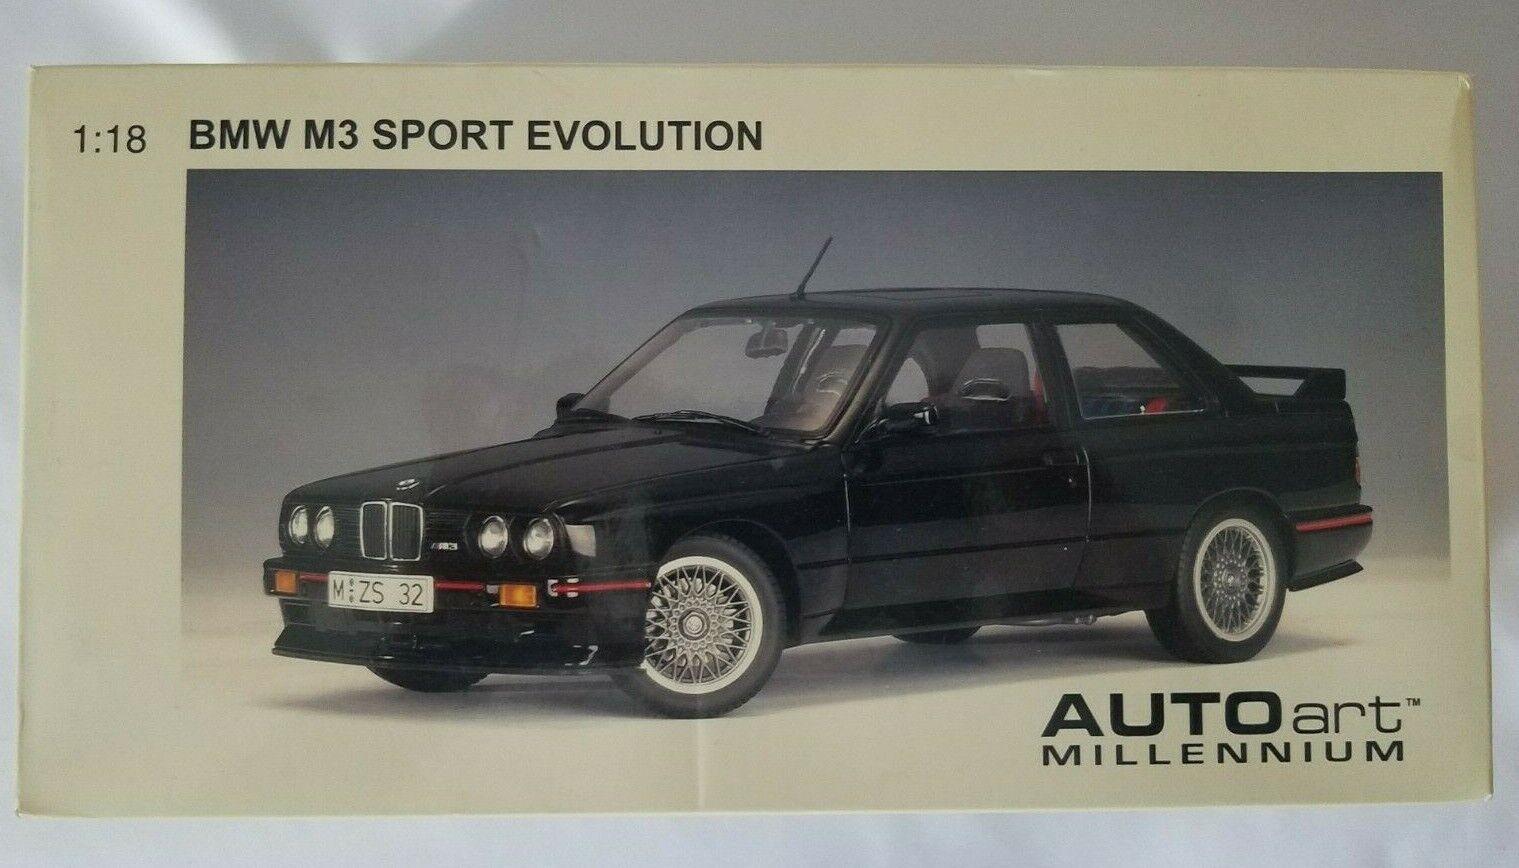 Autoart Millennium Bmw E30 M3 Sport Evolution 1 18 Scale Black G4 For Sale Online